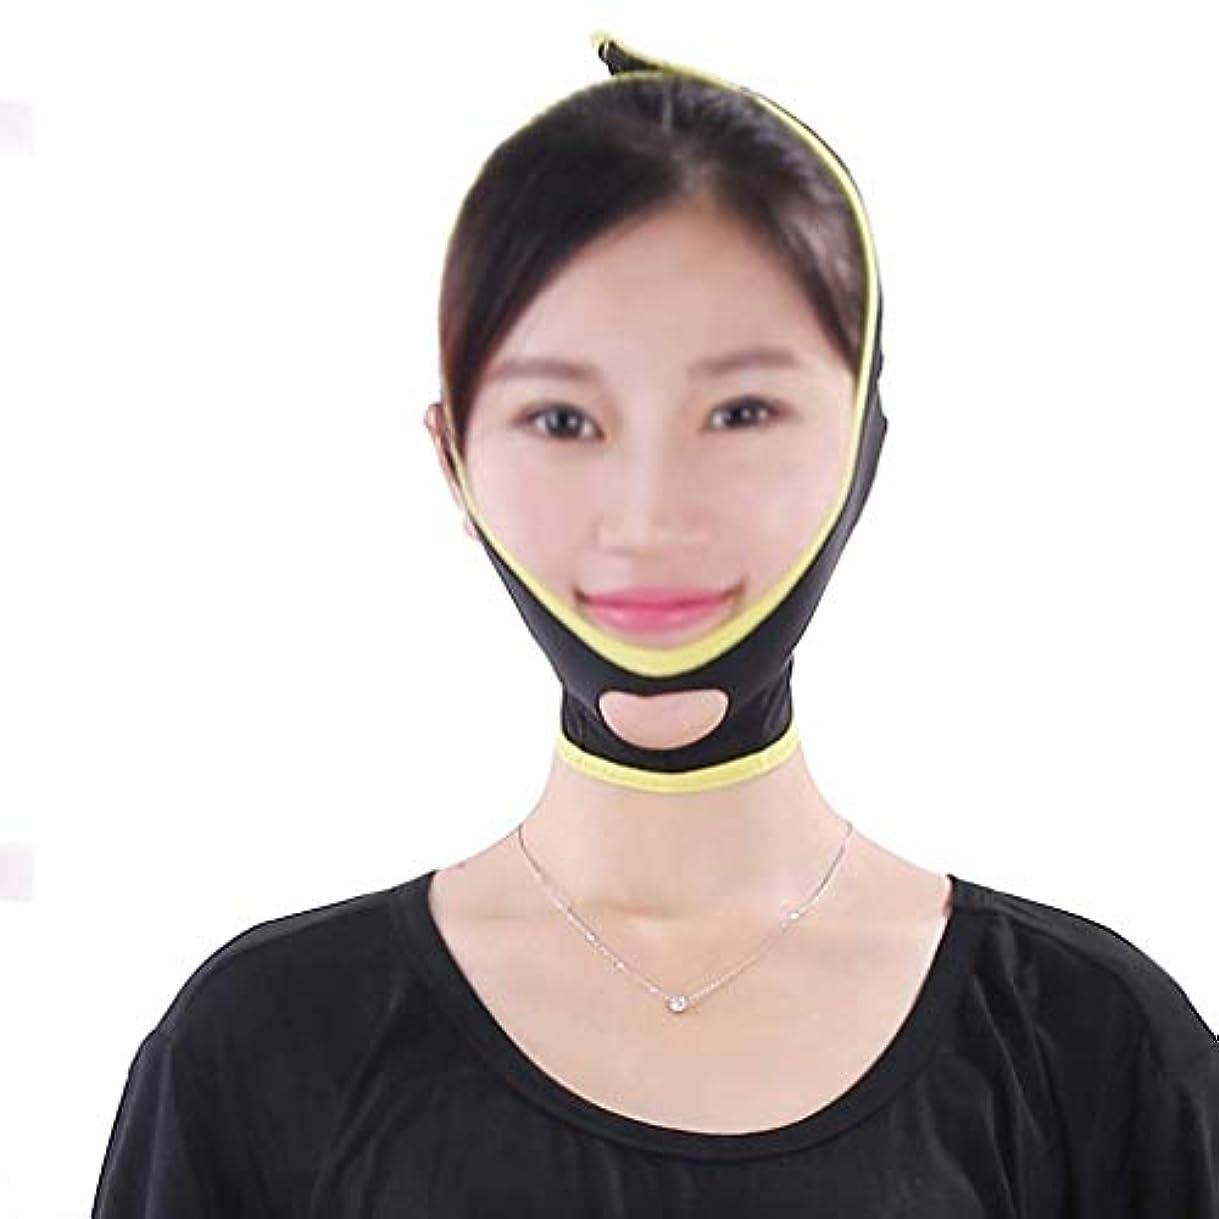 彼らは遺産ミサイル顔のマスク、男性と女性の顔を持ち上げるアーティファクト包帯美容リフティングファーミングサイズVフェイスダブルチンスリープマスク埋め込みシルクカービングスリミングベルト(サイズ:L)